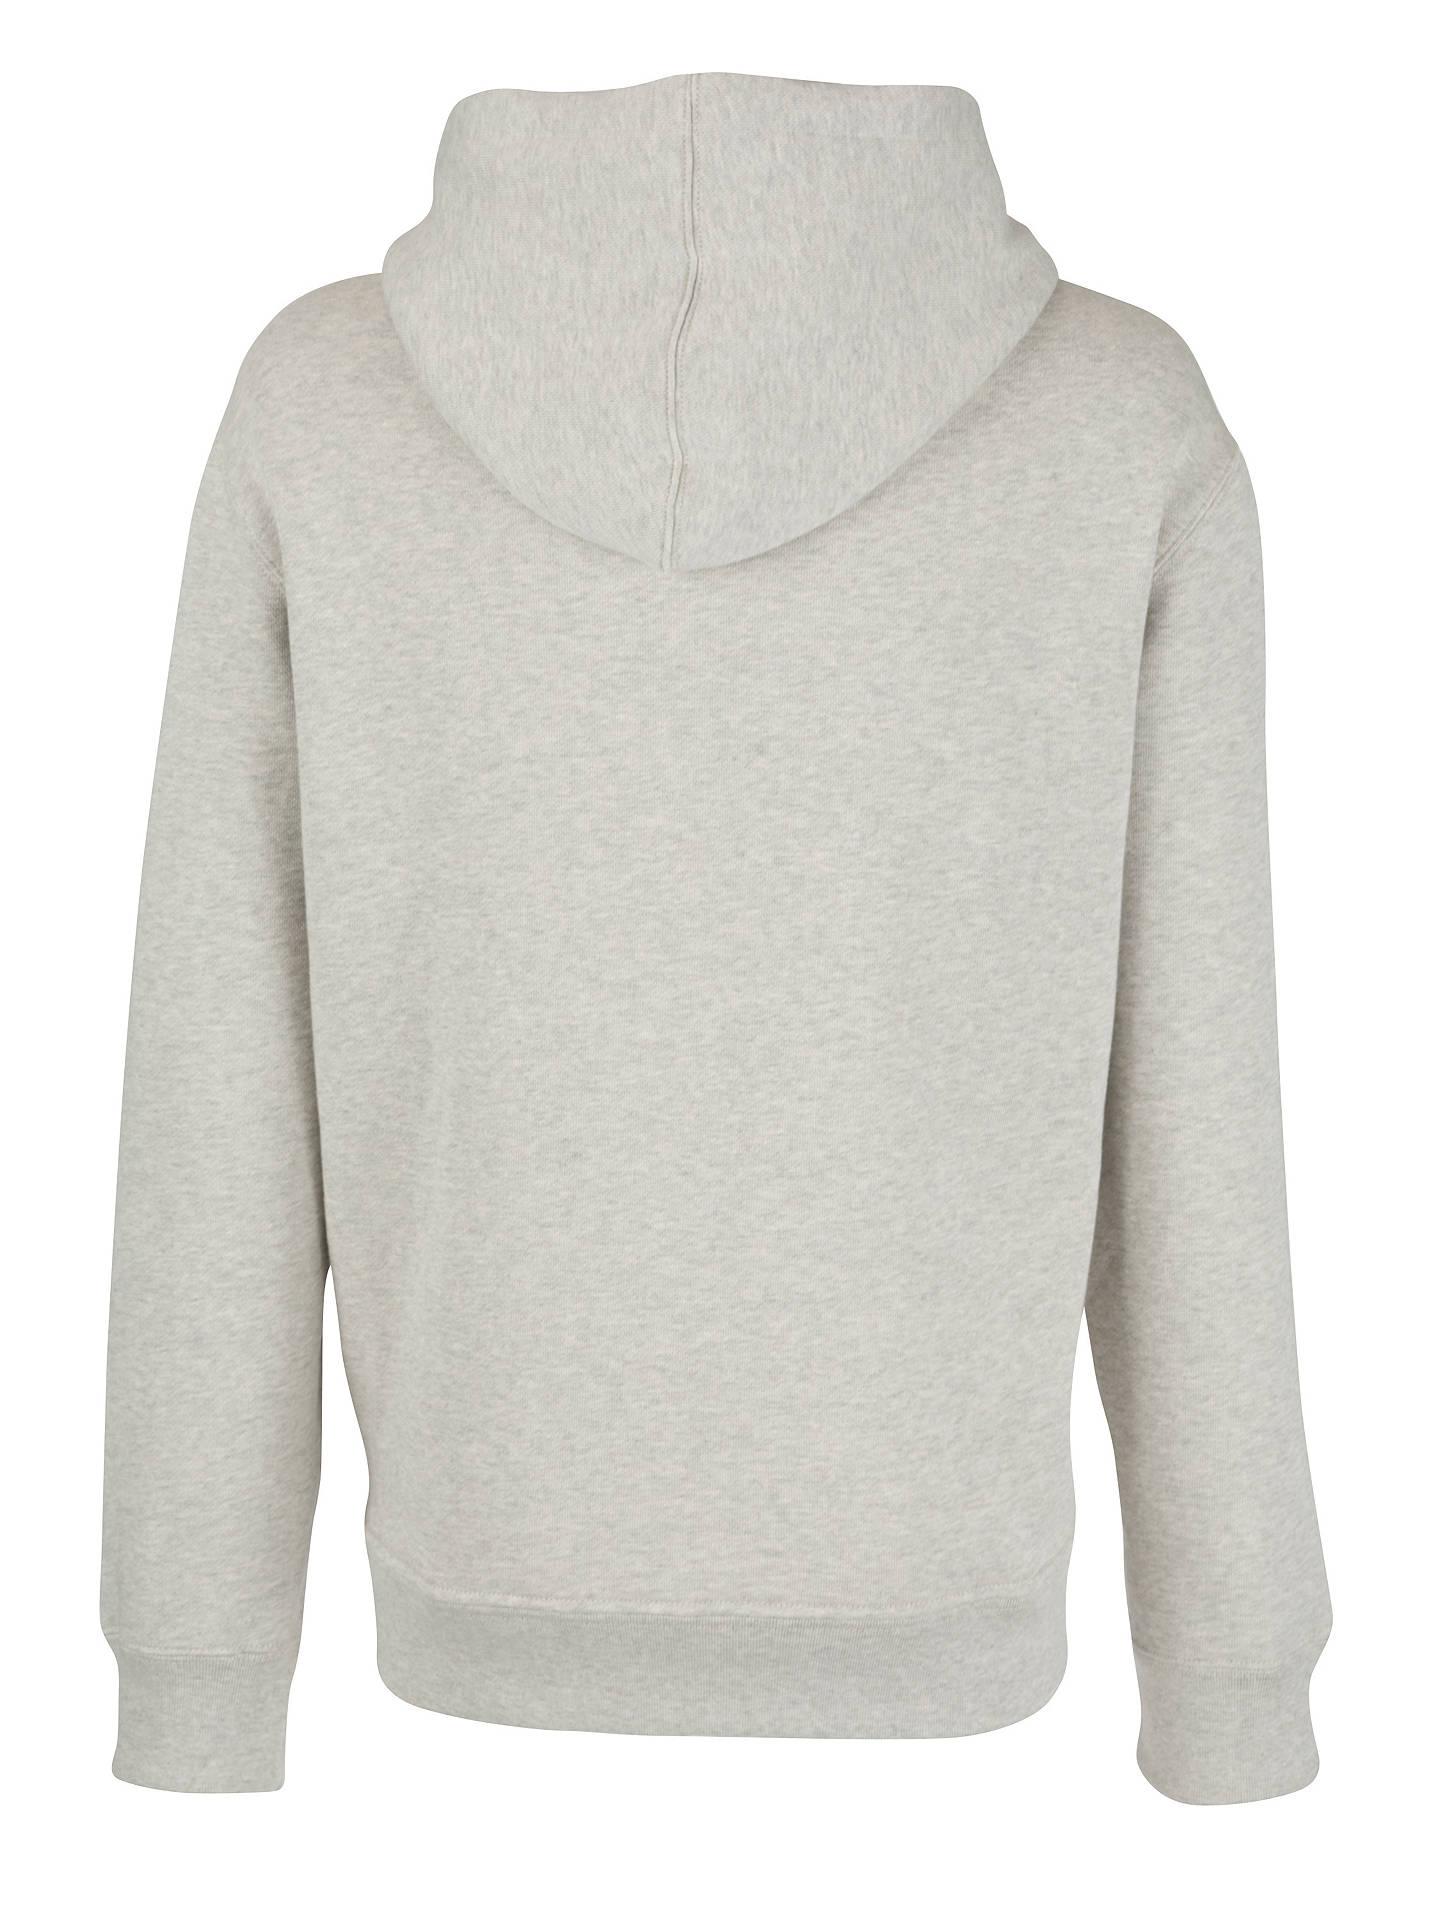 96356cd3179 Buy Polo Ralph Lauren Full Zip Cotton Hoodie, Grey, S Online at johnlewis.